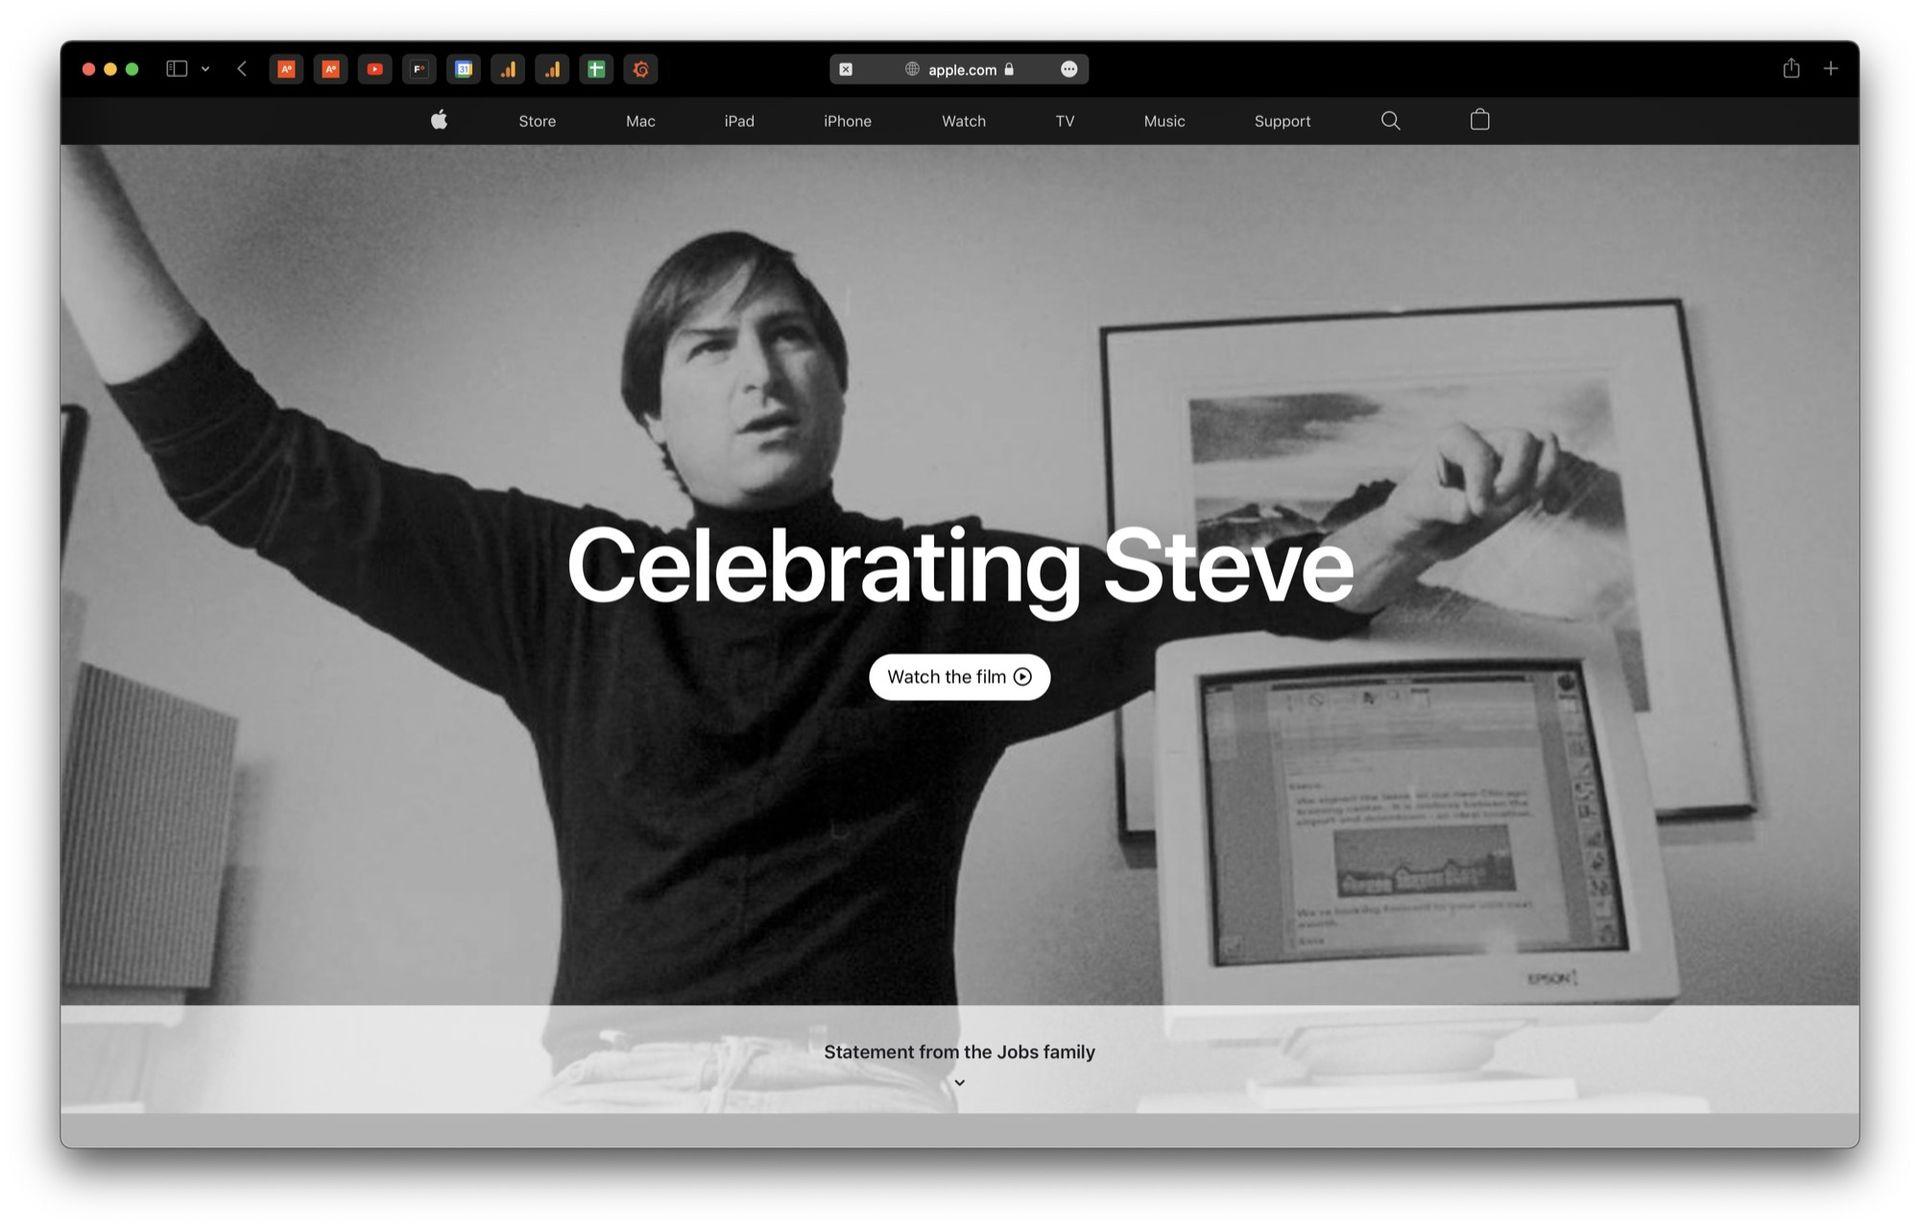 Tio år sedan Steve Jobs dog i dag